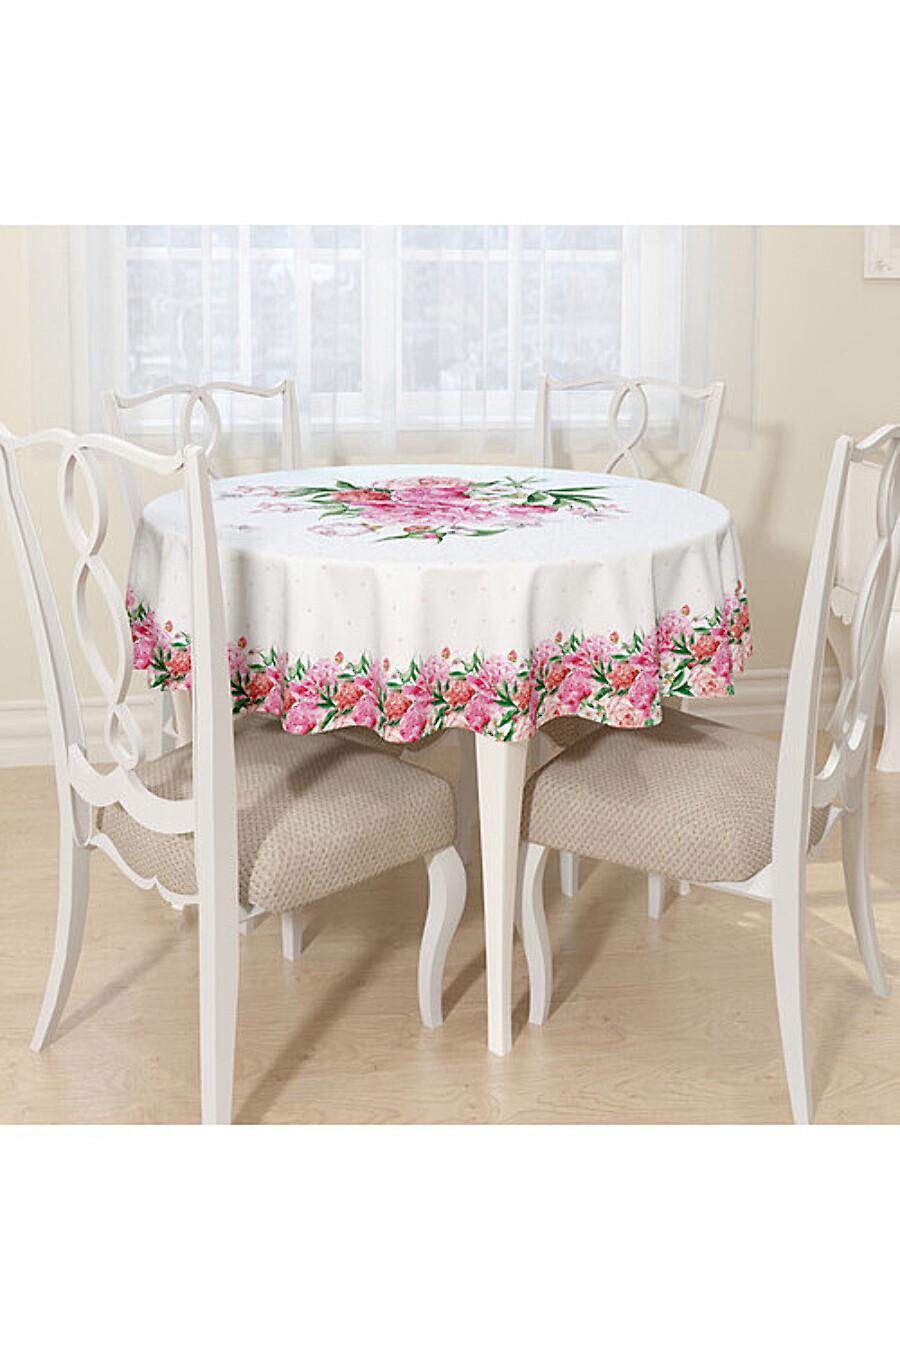 Скатерть для дома ART HOME TEXTILE 180314 купить оптом от производителя. Совместная покупка товаров для дома в OptMoyo